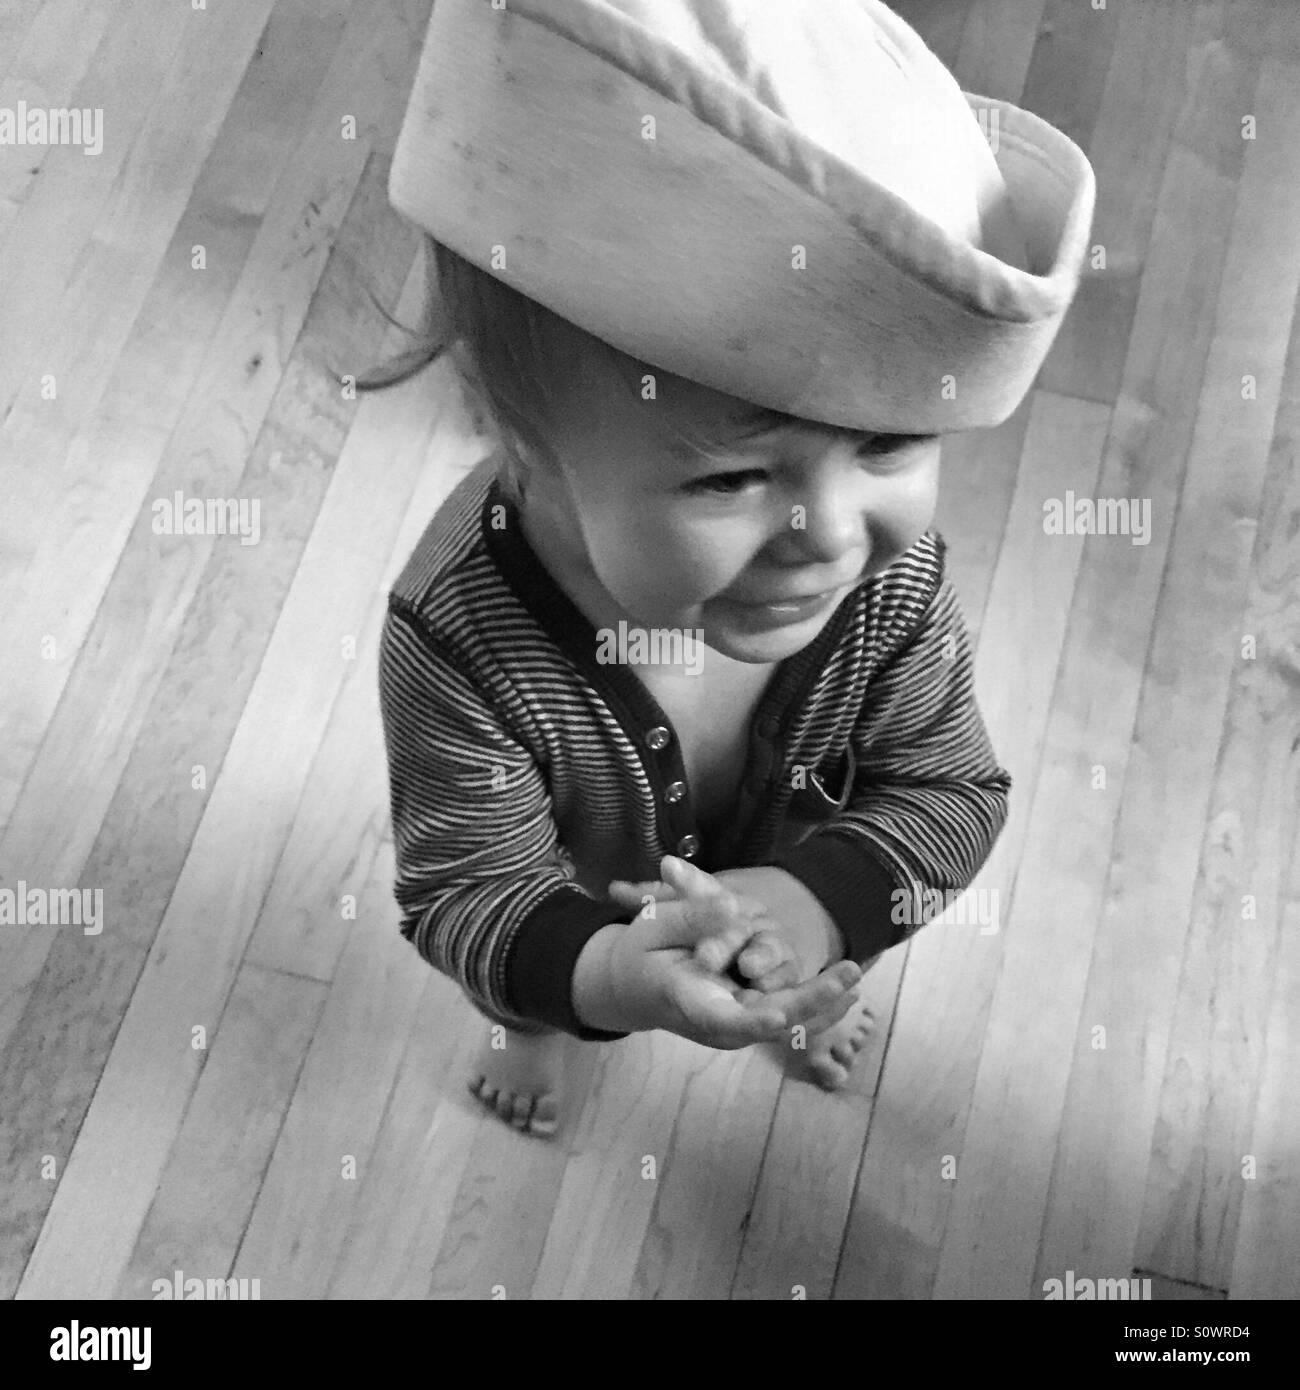 Heureux bébé portant un chapeau de marin, en noir et blanc Photo Stock